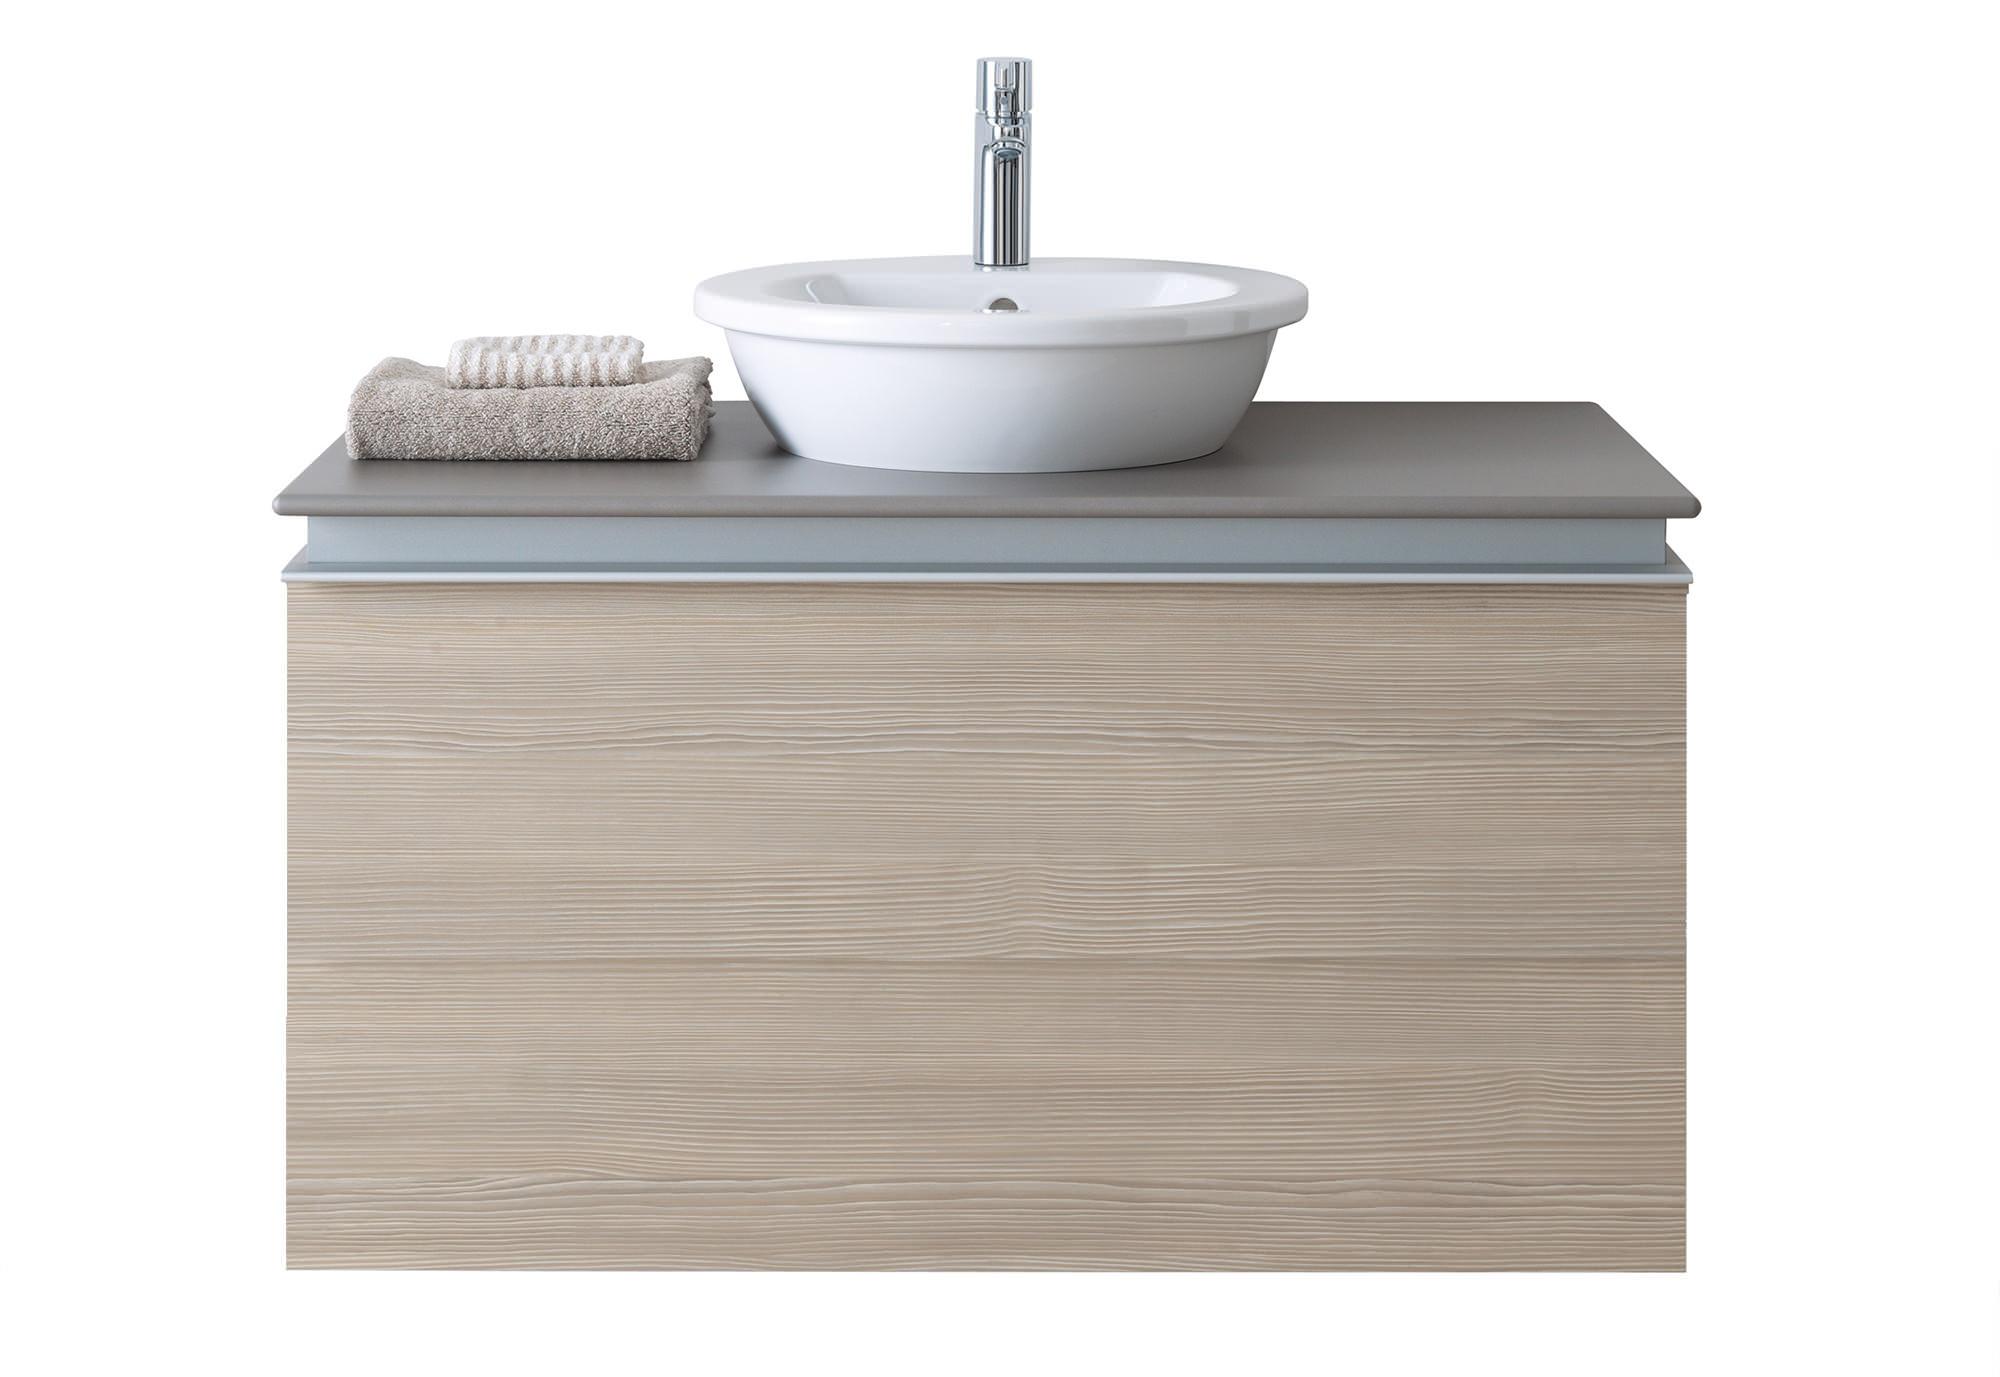 duravit vero vanity basin images. Black Bedroom Furniture Sets. Home Design Ideas